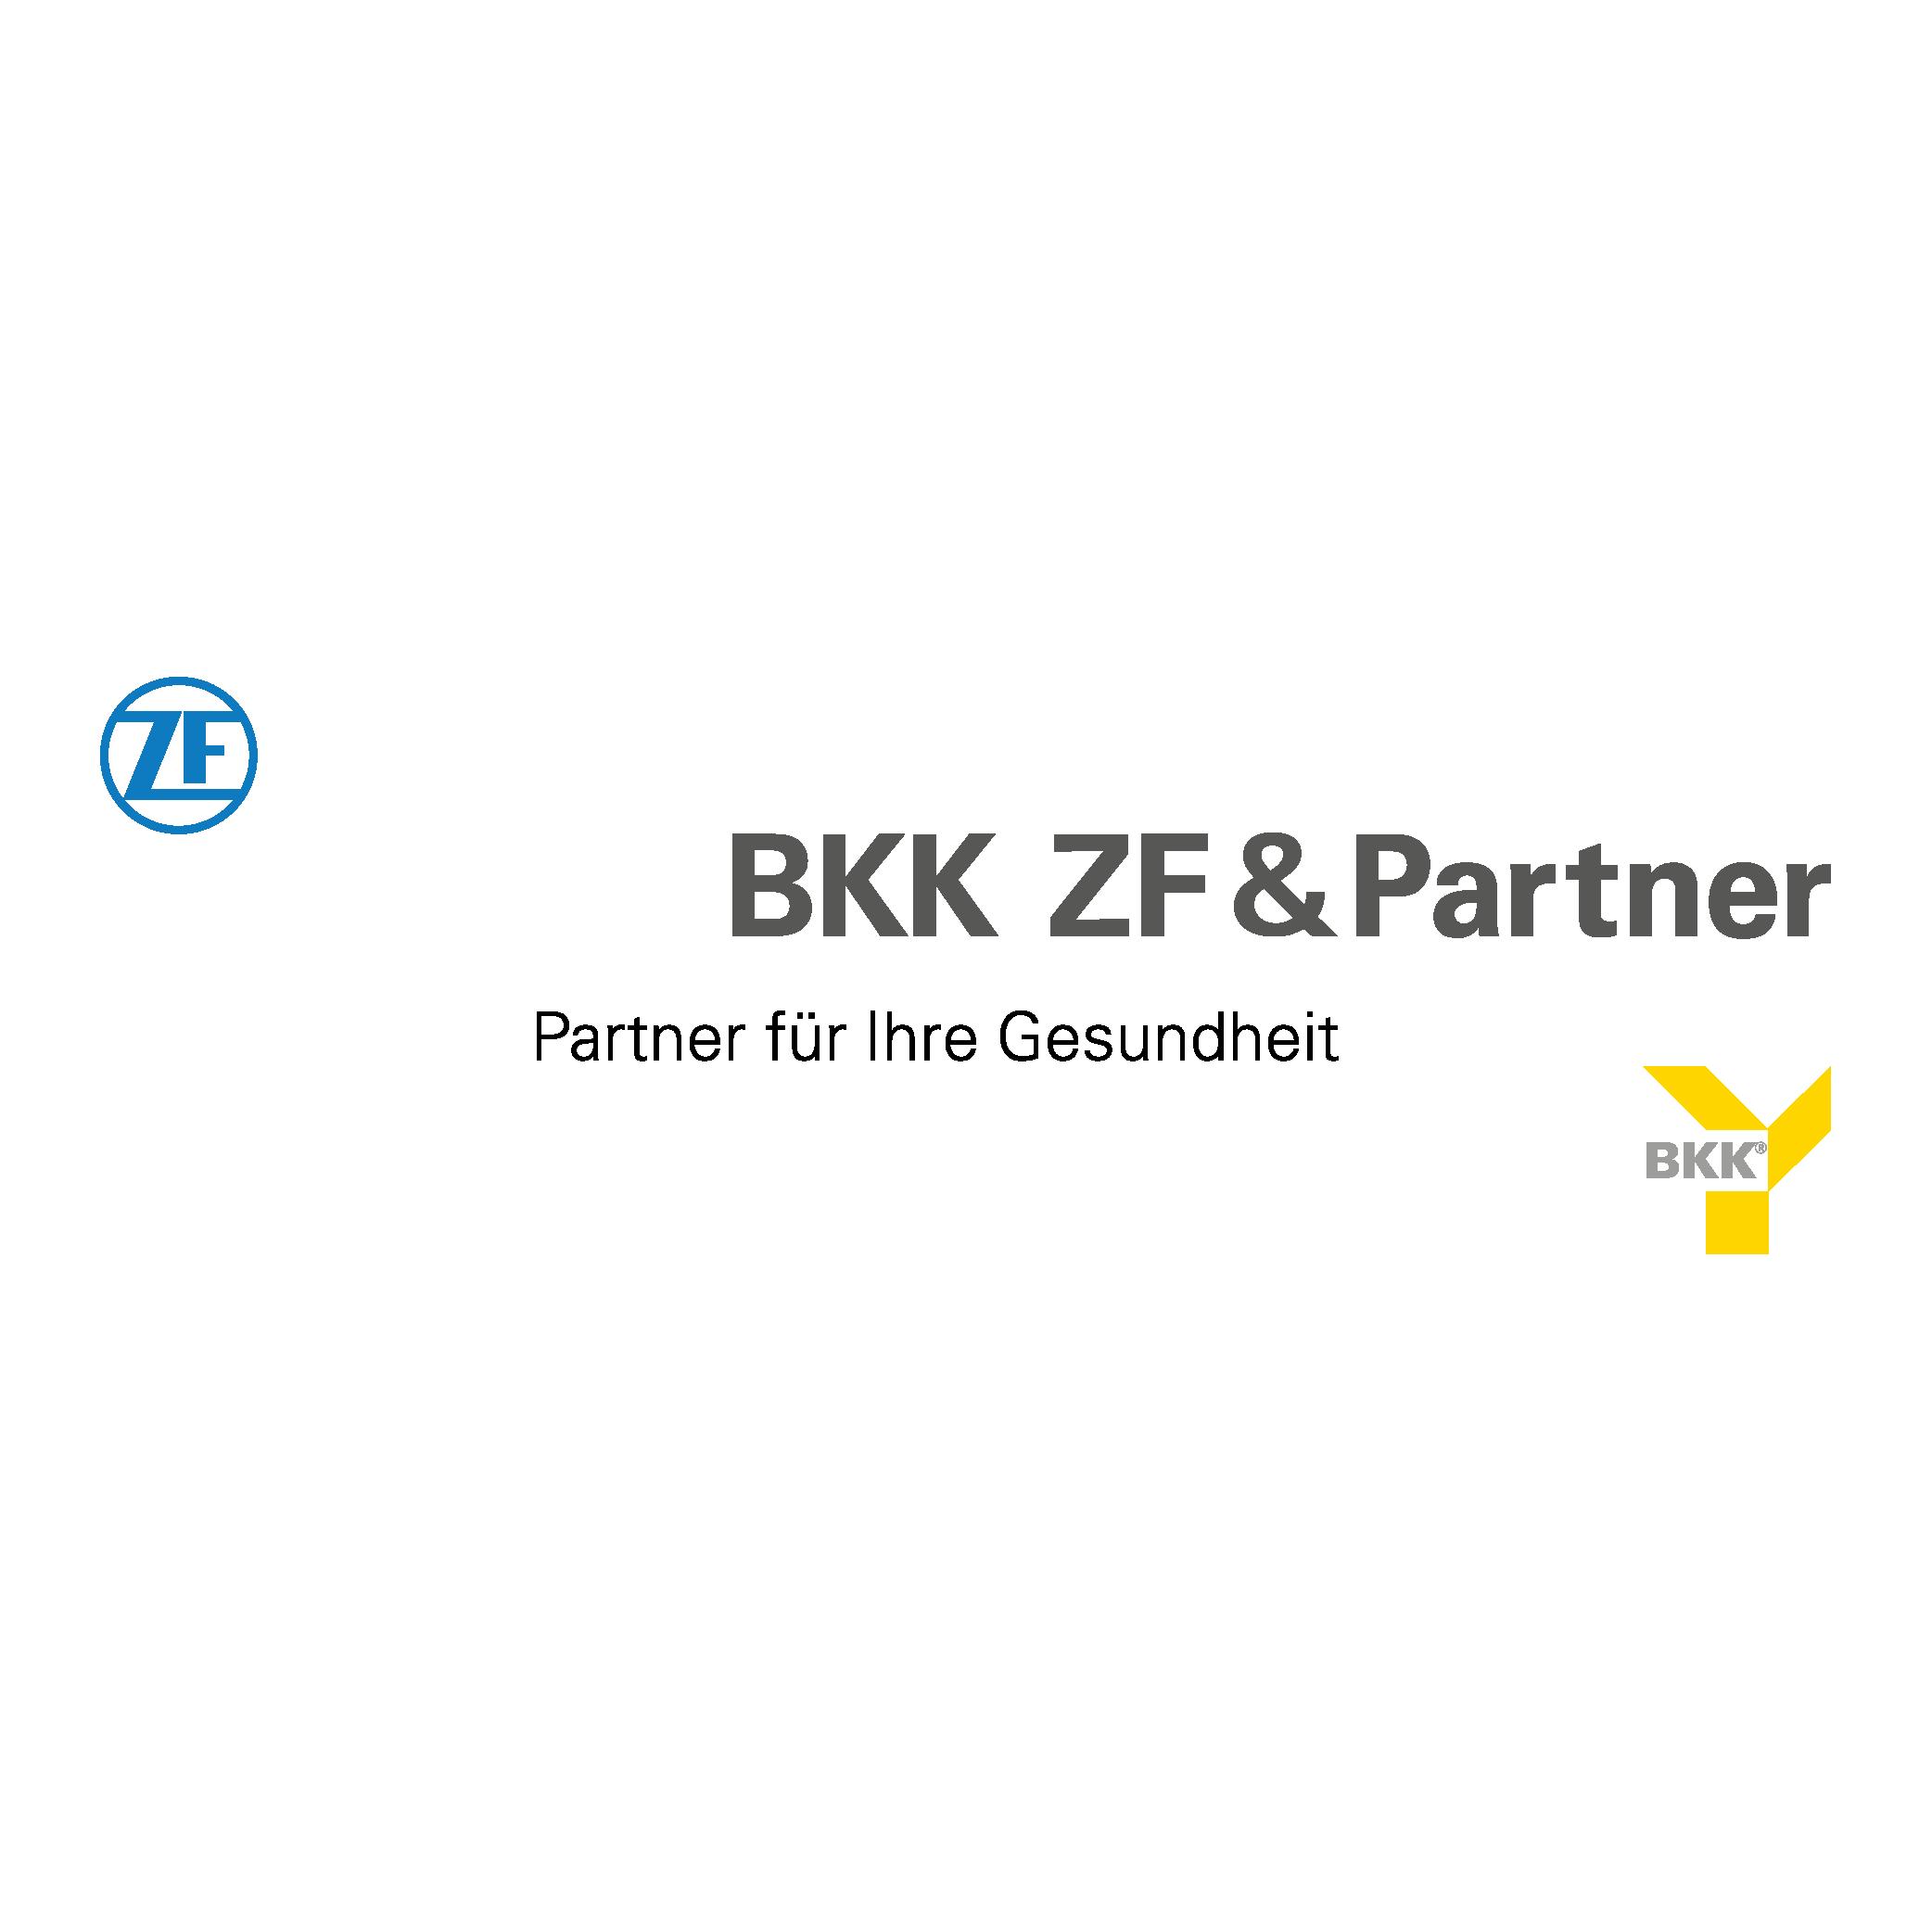 Markenzeichen der BKK ZF & Partner